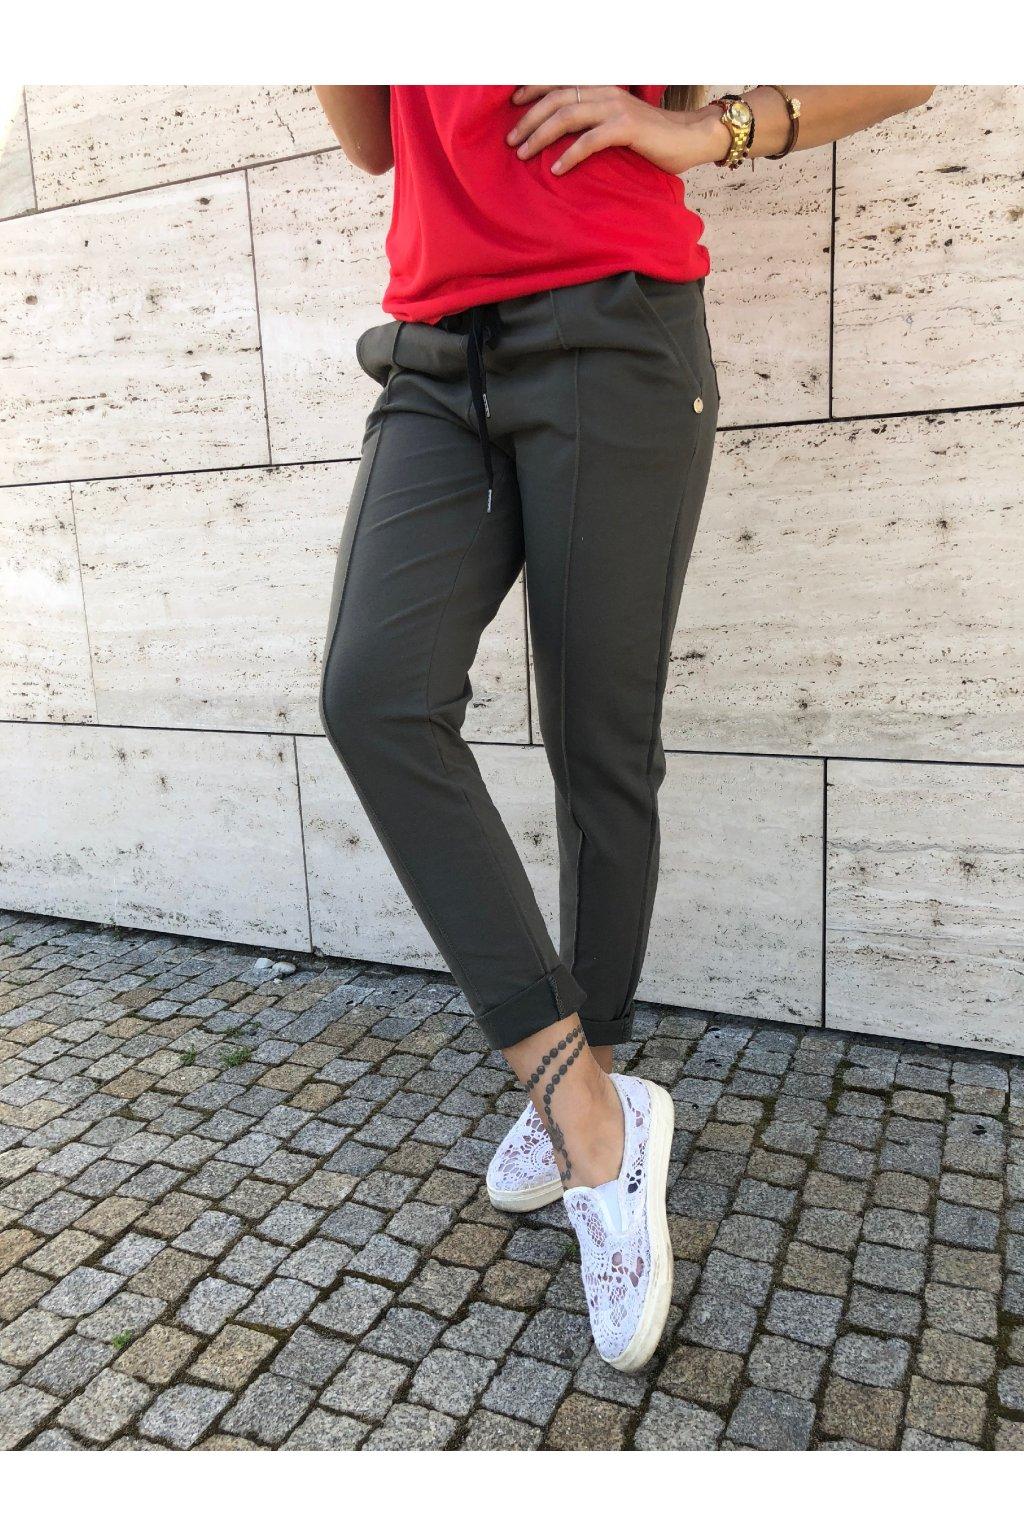 damske teplakove kalhoty love khaki eshopat cz 1